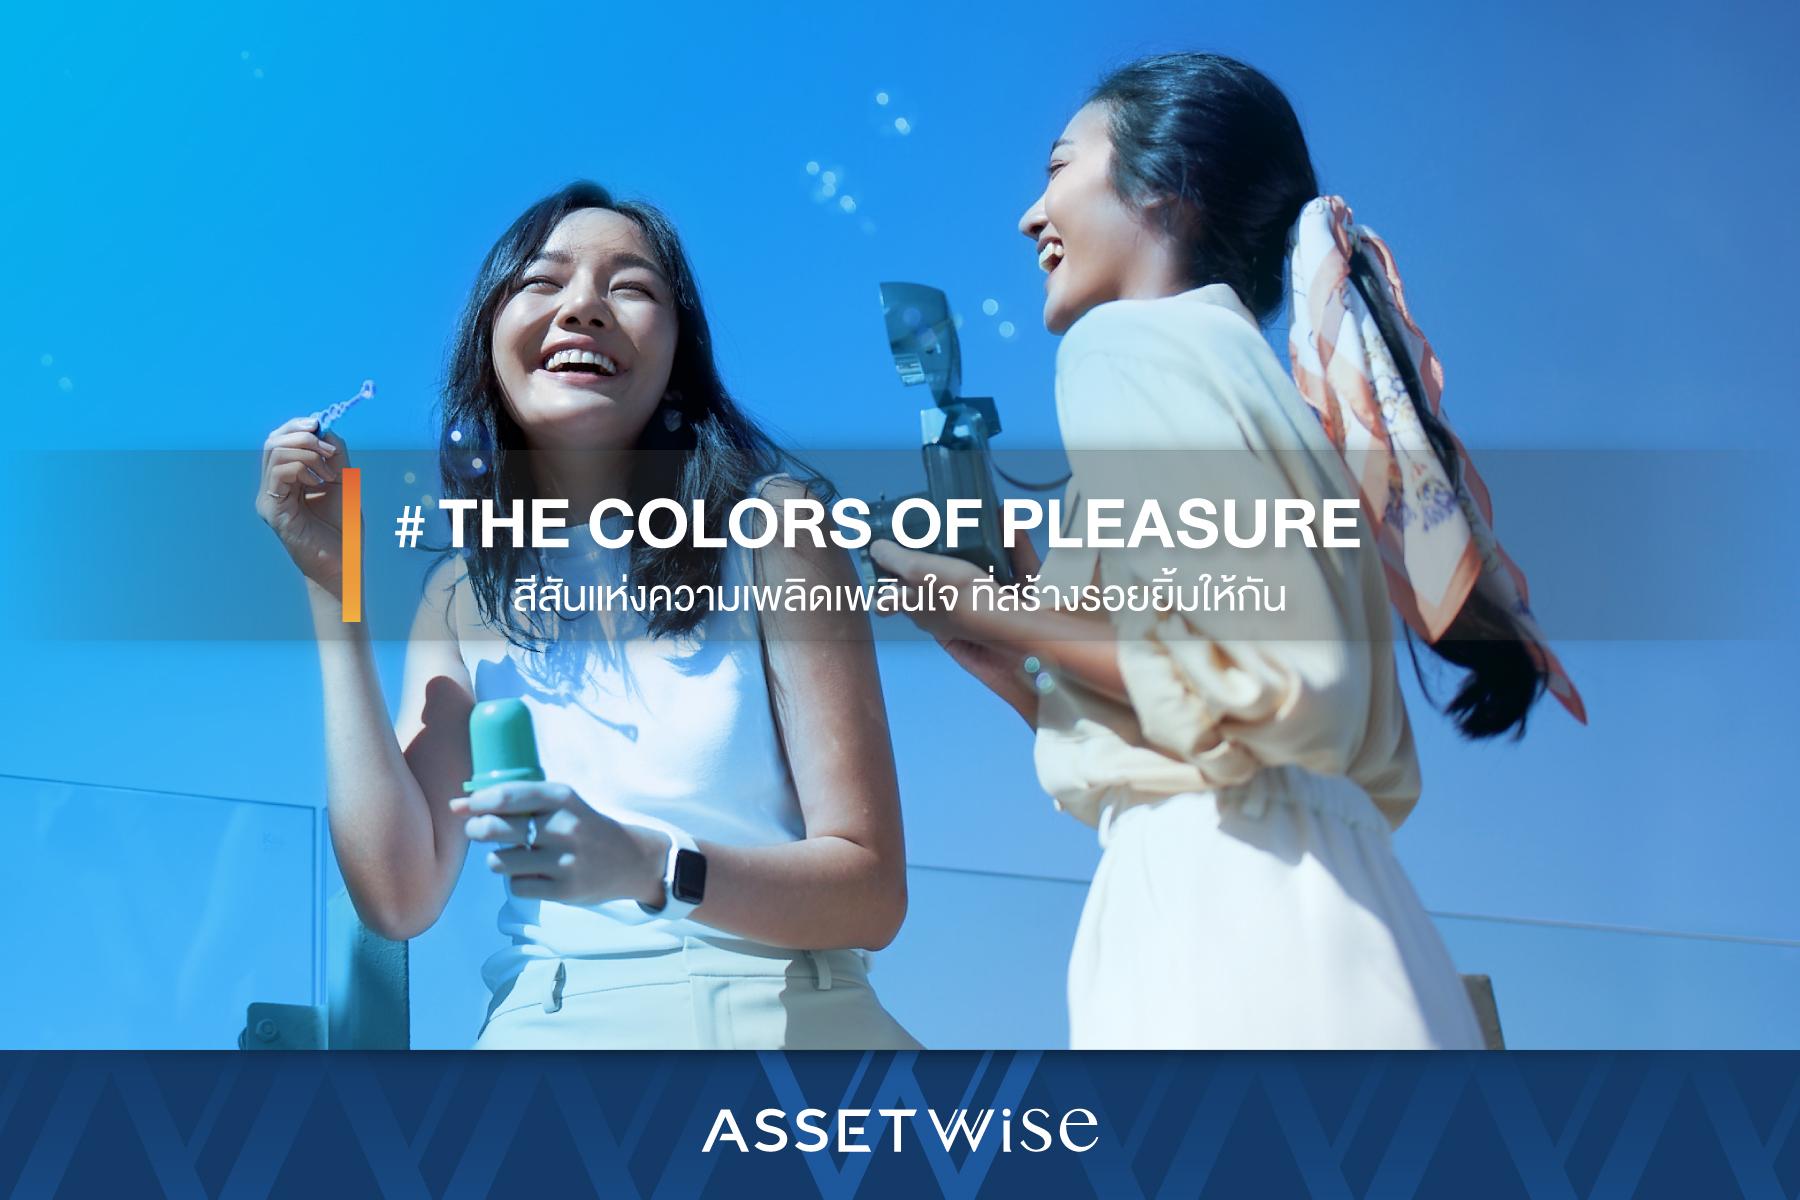 The Colors of Pleasure สีสันแห่งความเพลิดเพลินใจ